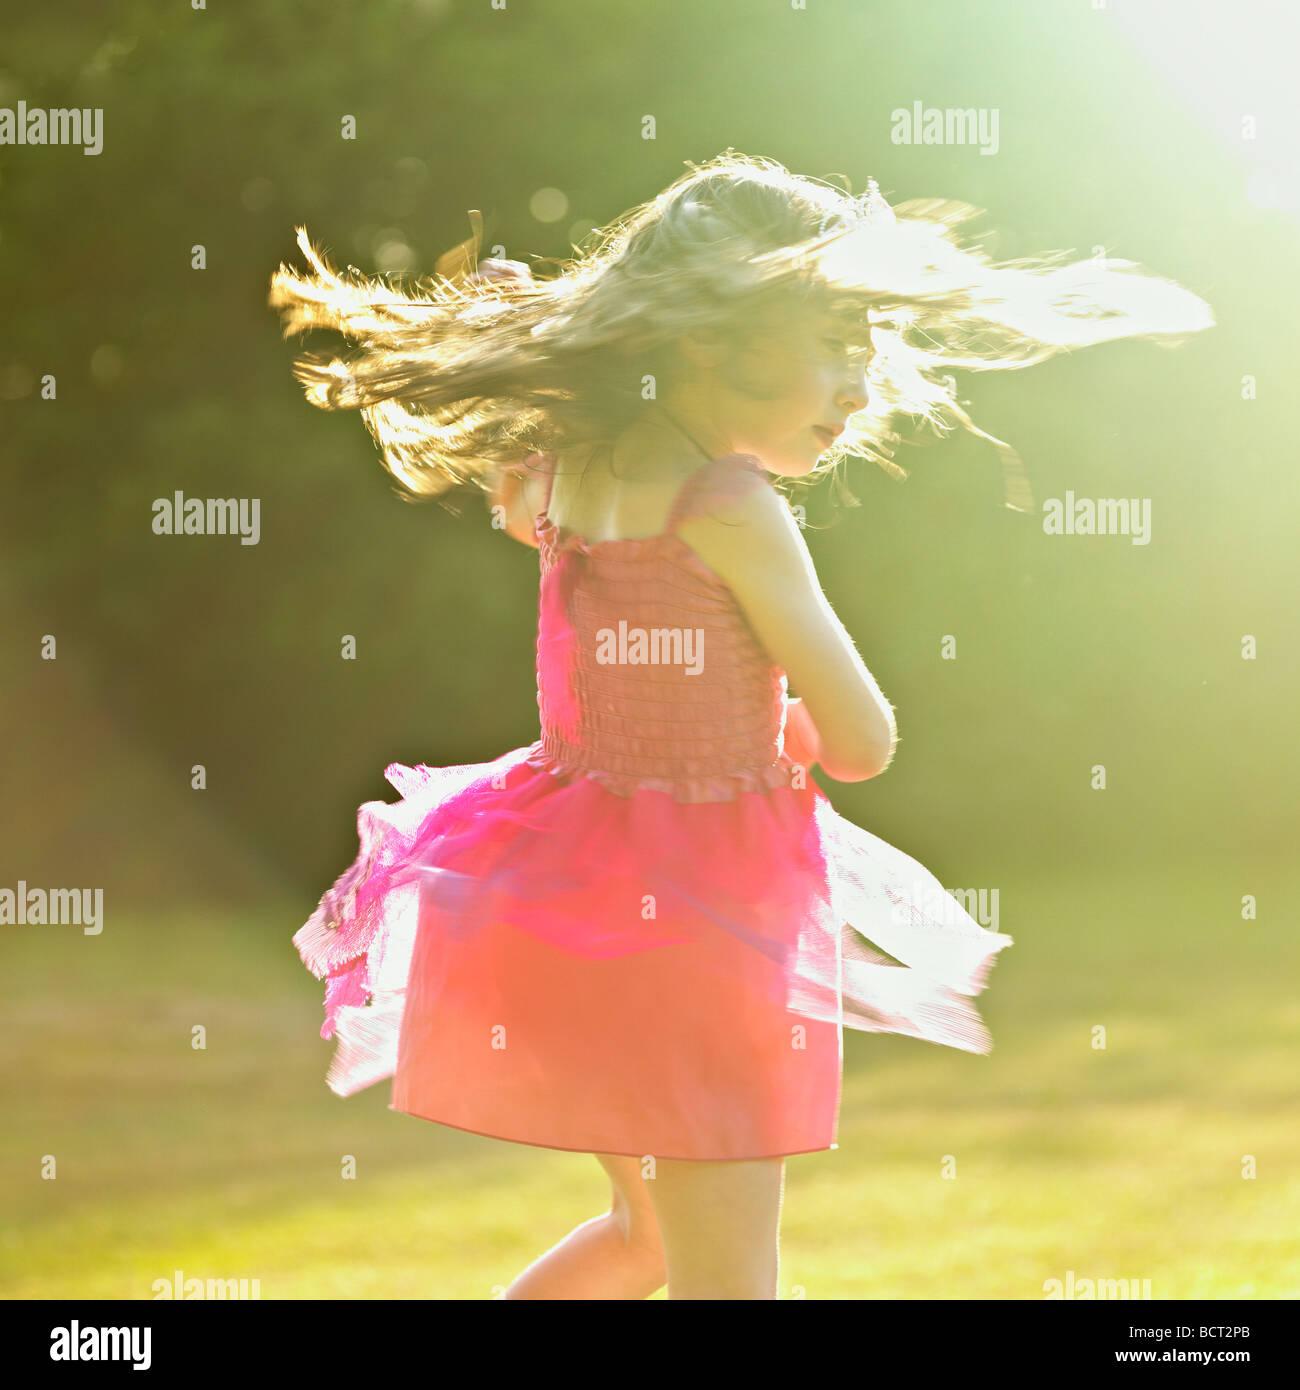 Niña en un vestido rosado bailando en el jardín sol de verano. Foto de stock